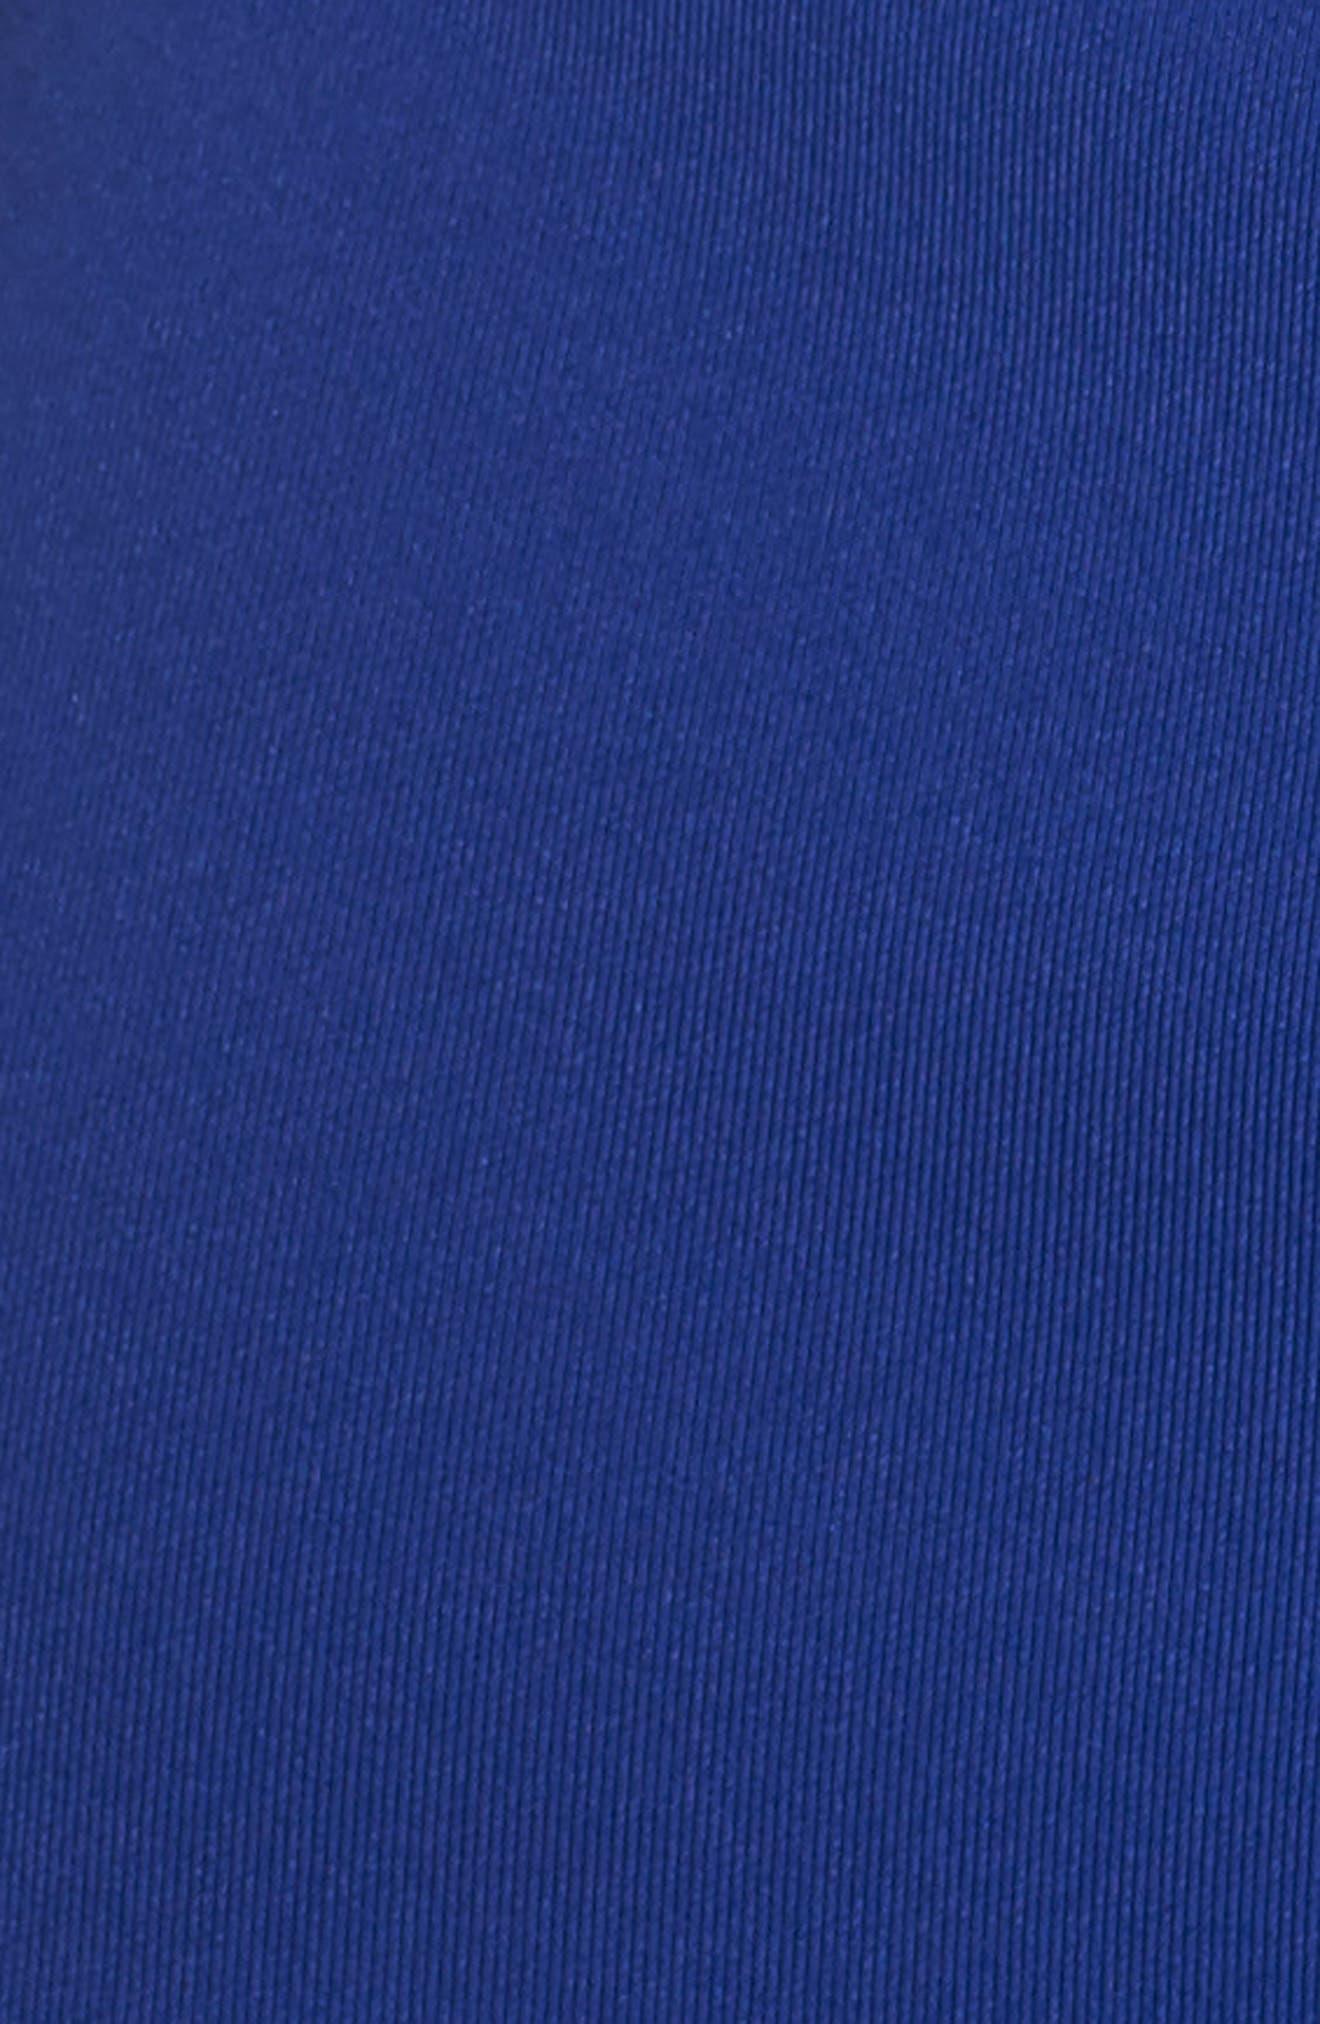 Lace Sheath Dress,                             Alternate thumbnail 5, color,                             LAKE